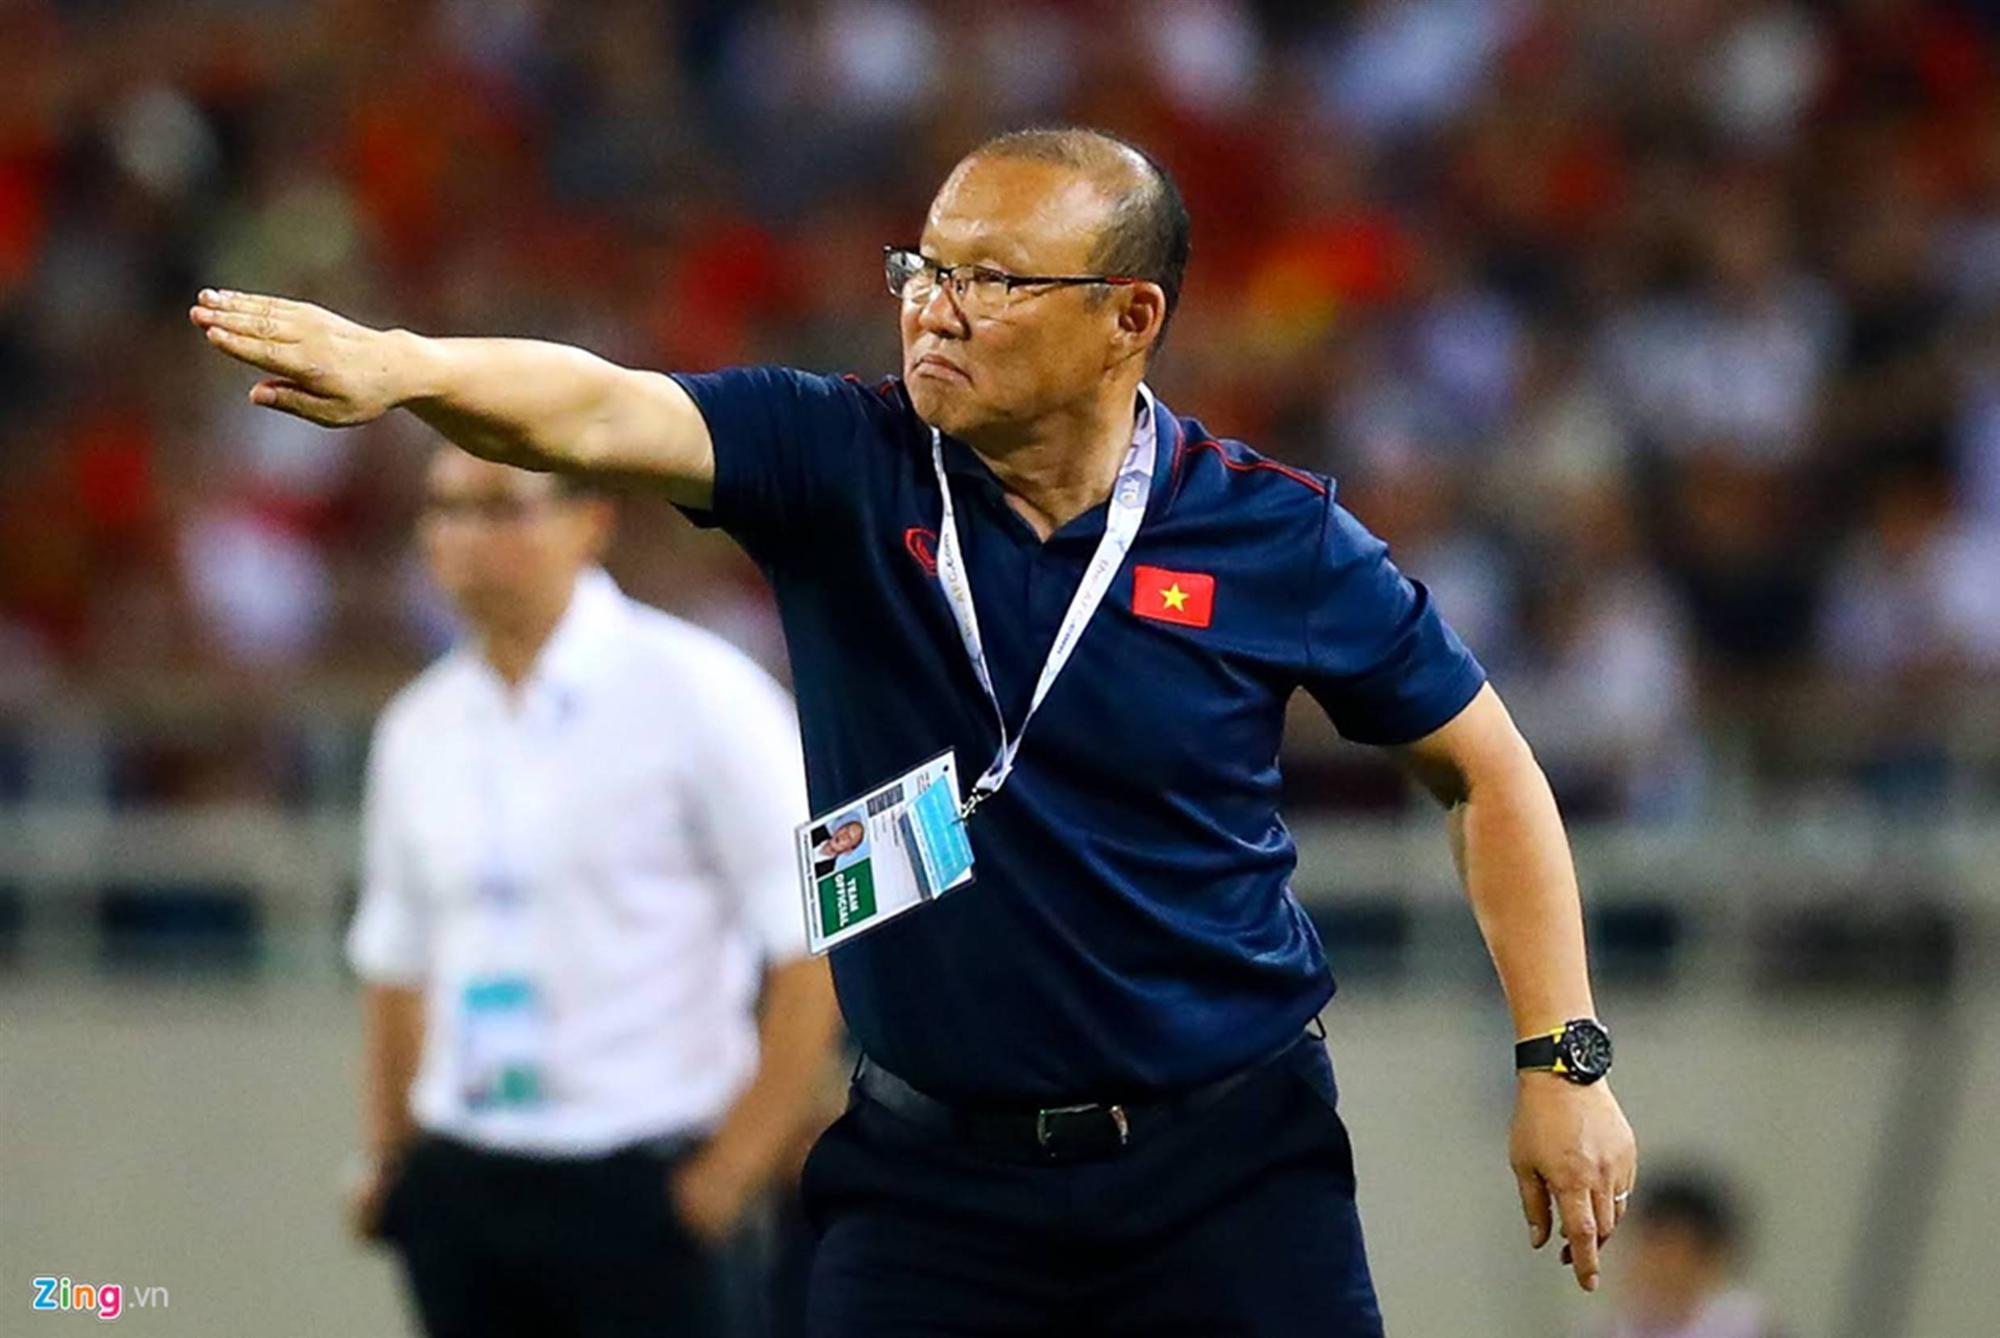 HLV Park và 2 năm đưa bóng đá Việt Nam lên bản đồ châu lục-5